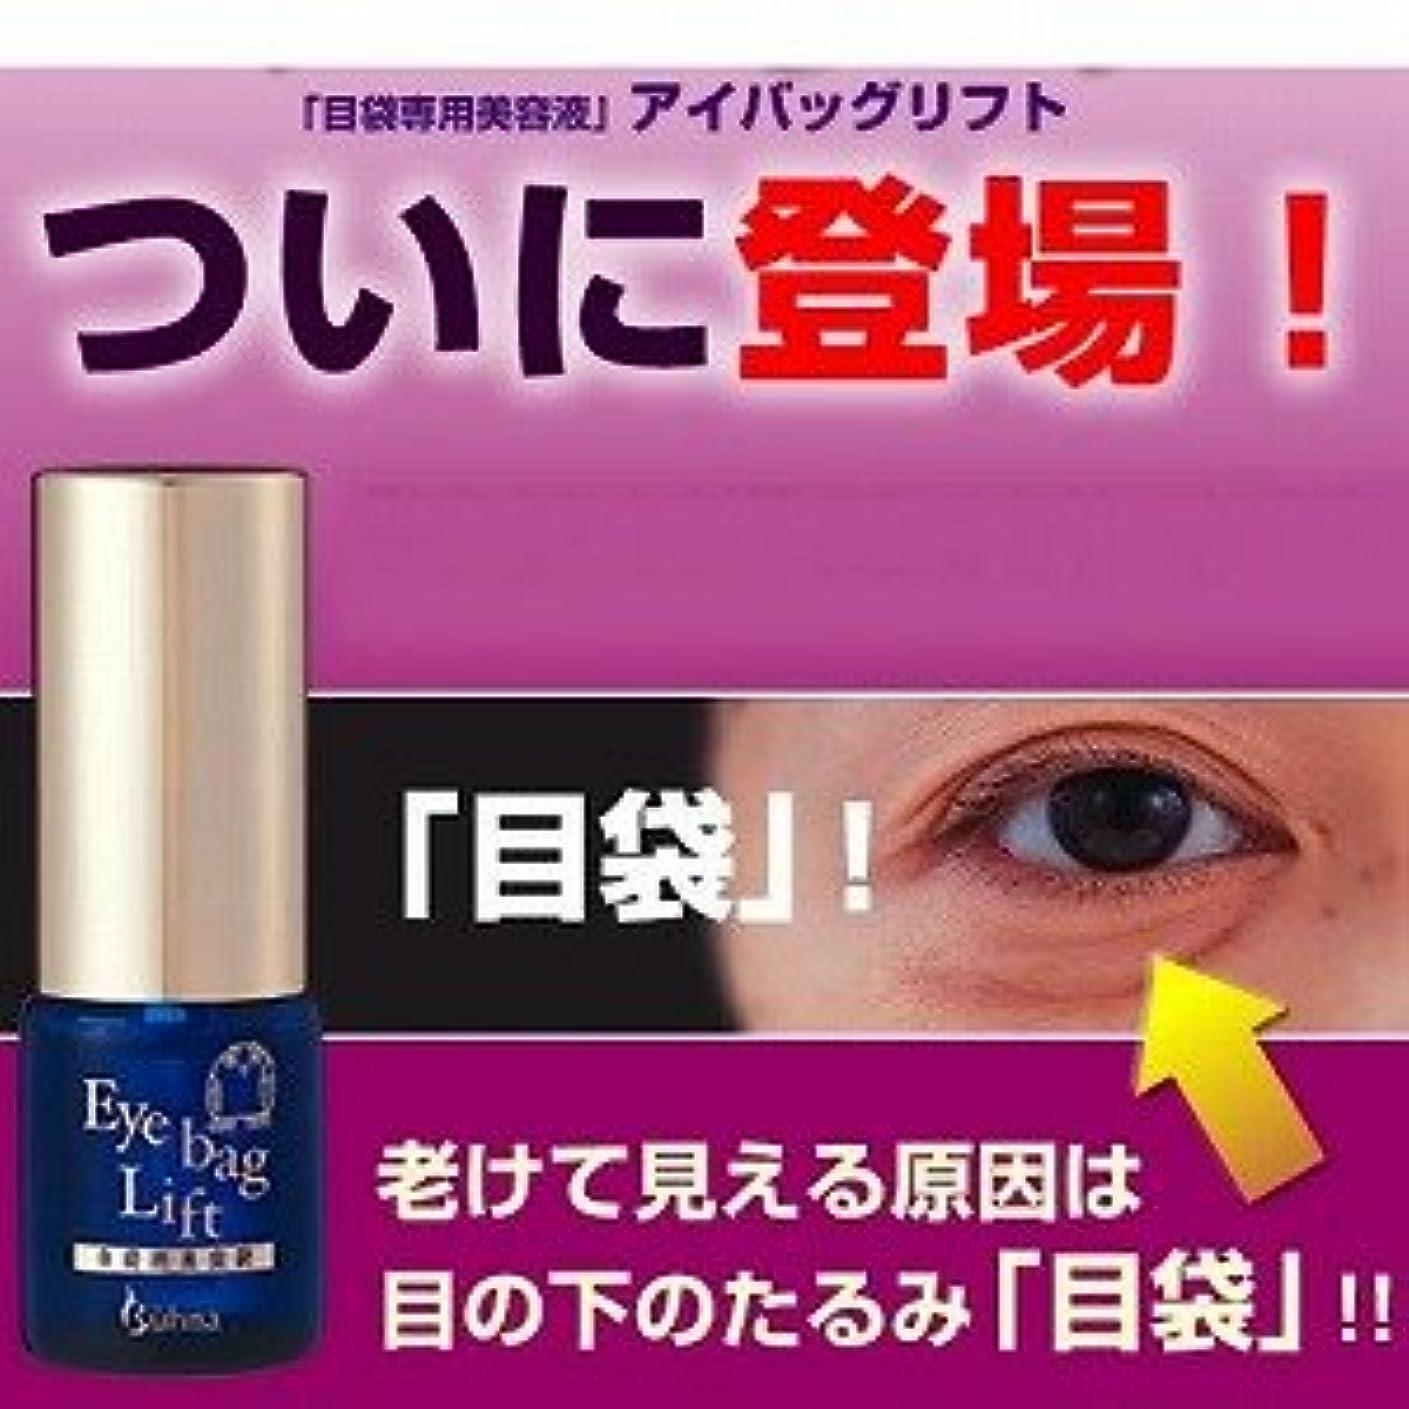 乱雑なクルーズ神秘老けて見える原因は、目元、目の下のたるみ「目袋」『目袋専用美容液 アイバッグリフト』